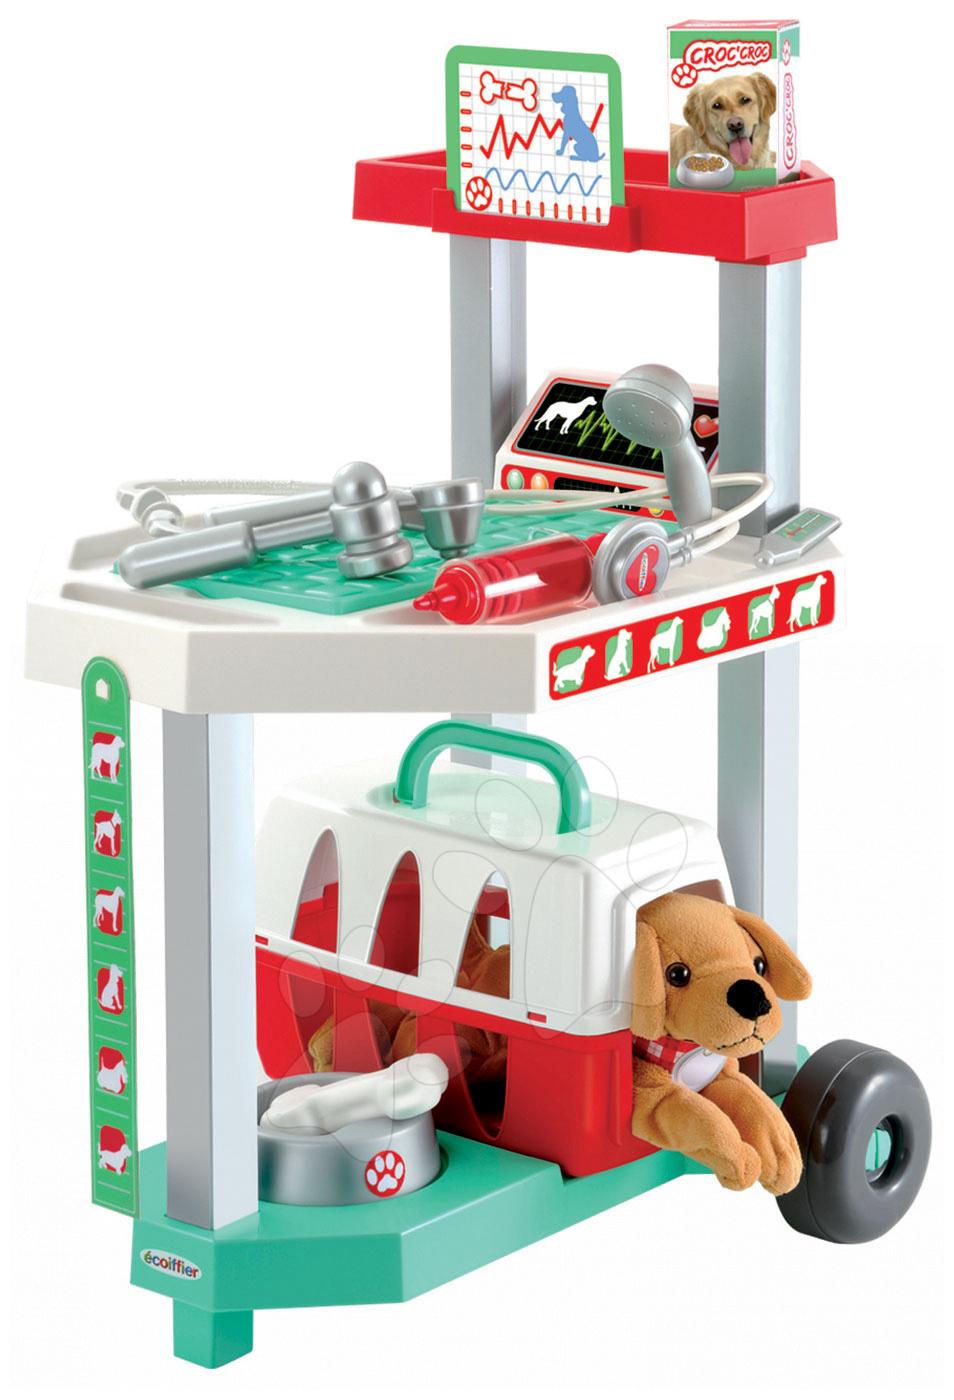 Lékařské vozíky pro děti - Veterinární klinika Écoiffier s pejskem v košíku 15 doplňků od 18 měsíců